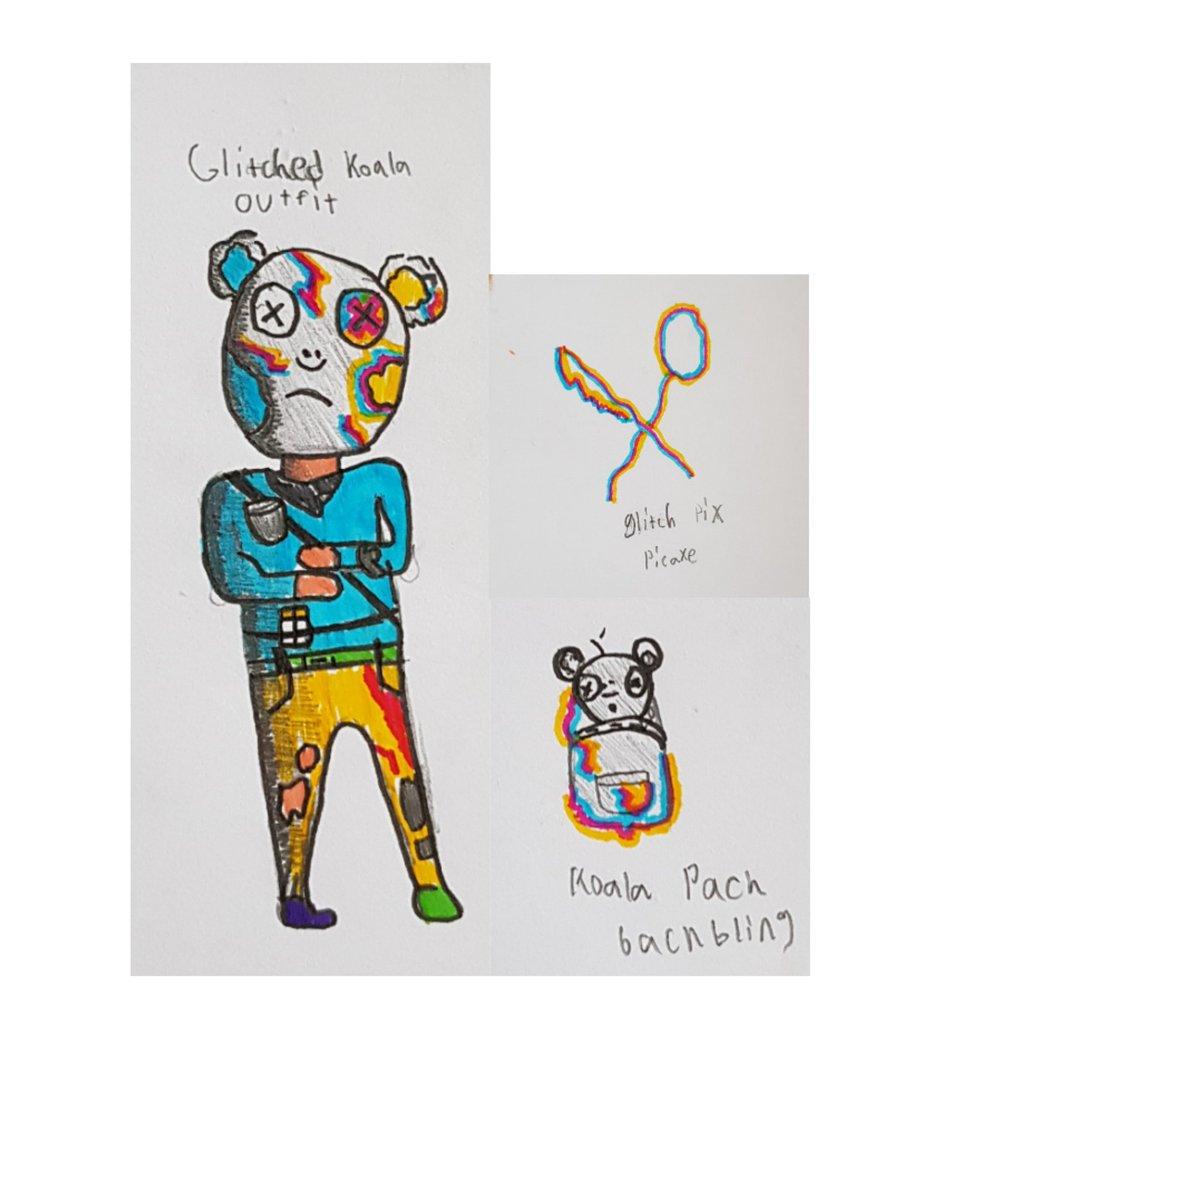 A Fortnite skin consept: Glitchead koala, koala back and Glitch pix  #Fortnite #fortniteskin #epicgames  @FortniteGamepic.twitter.com/gr5BLrwMLg